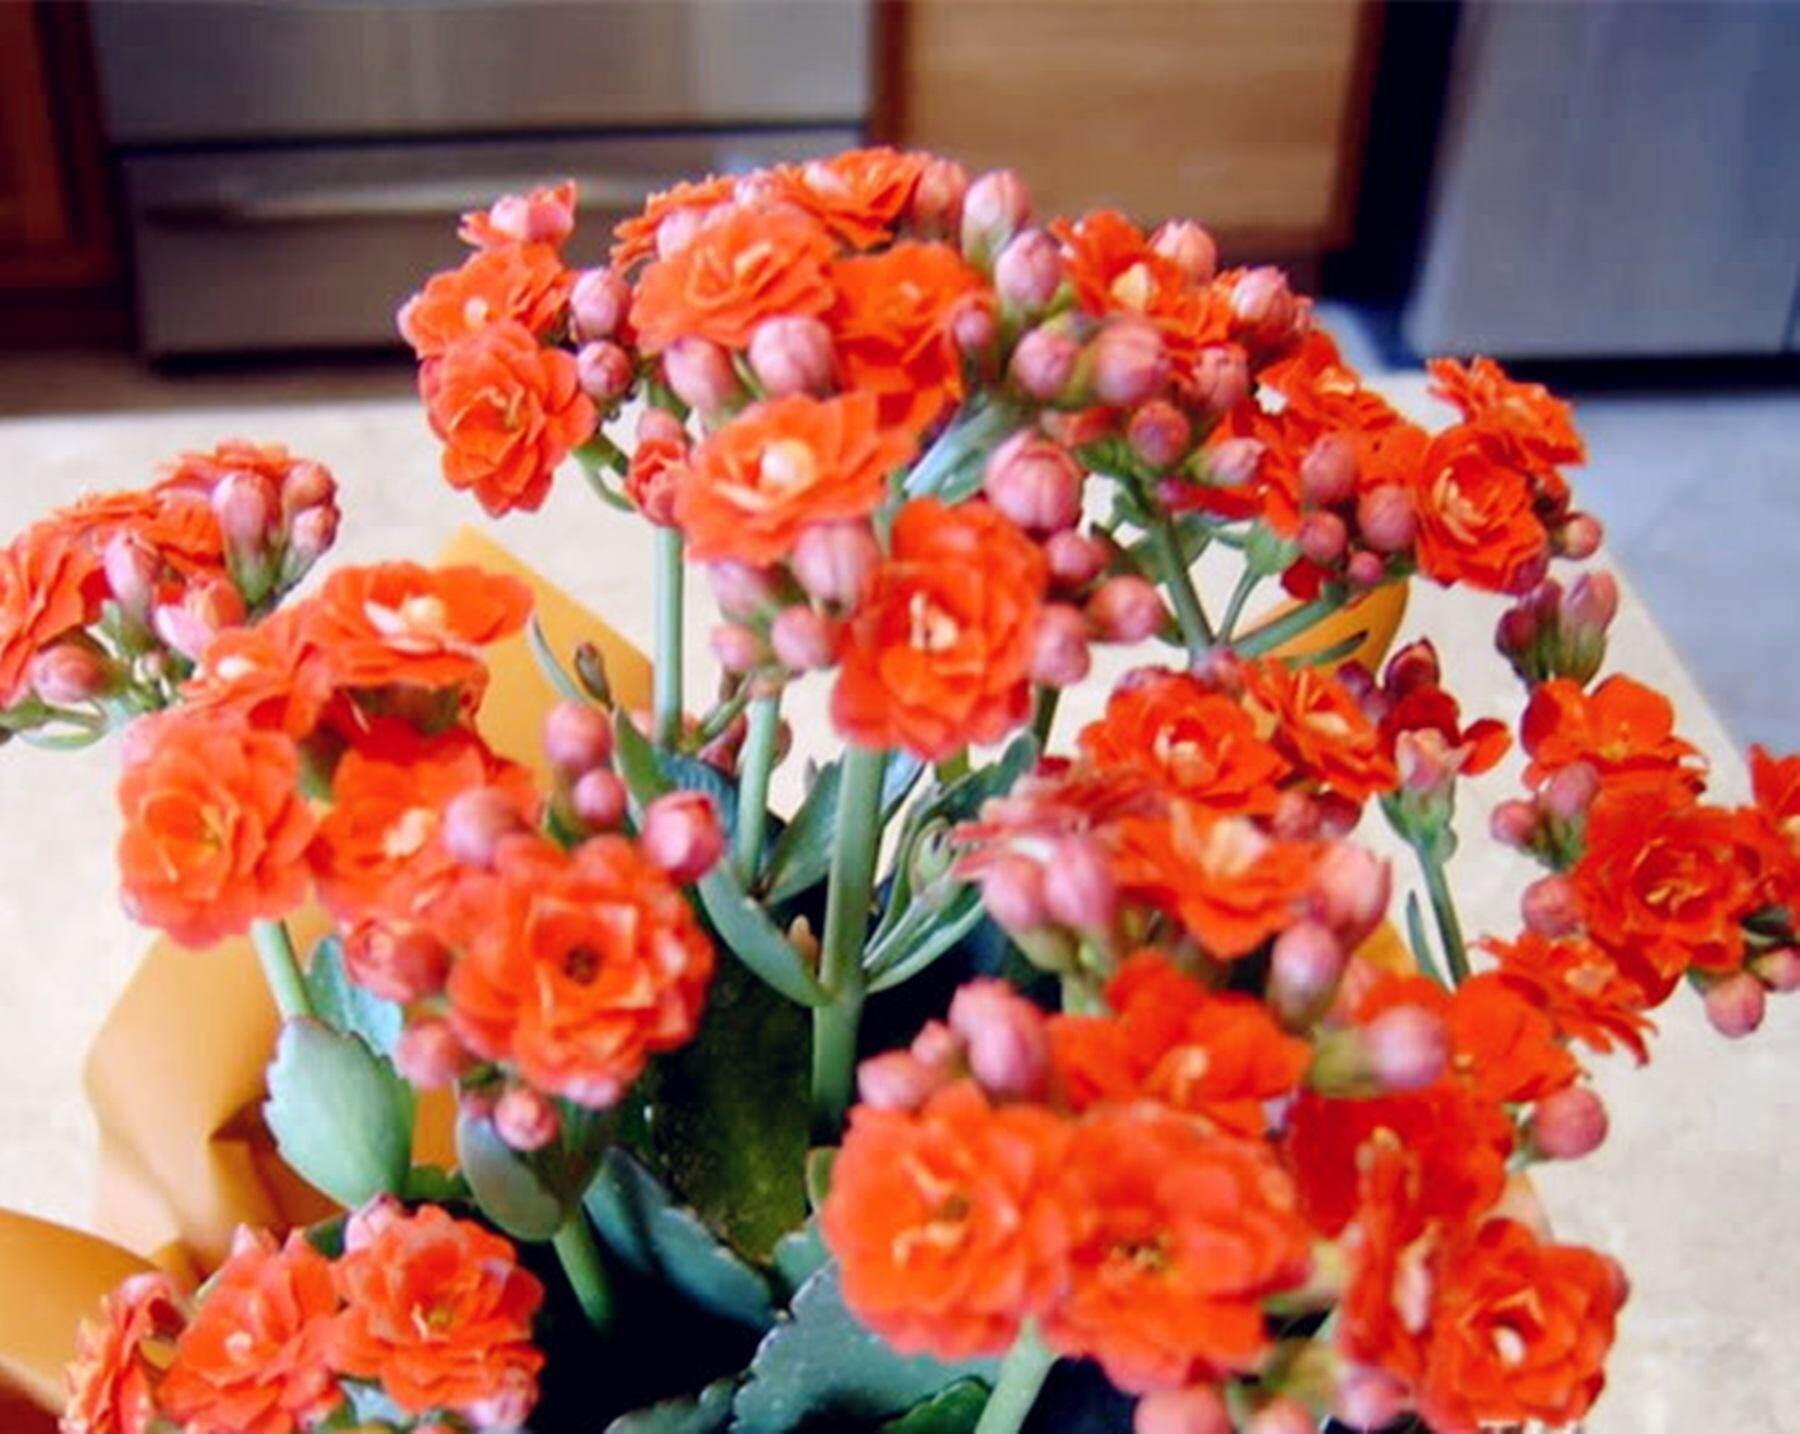 ขายส่ง 100 เมล็ด กุหลาบหิน Kalanchoe Blossfeldiana กาลังโช Kalanchoe วงศ์กุหลาบหิน Crassulaceae ไม้พุ่มอวบน้ำ ไม้มงคล แคคตัส ไม้อวบน้ำ กระบองเพชร เมล็ดพันธุ์นำเข้า ไม้สวยงาม Flaming Katy ไลทอป Succulent Cactus ต้นไม้มงคล ต้นไม้จิ๋ว ต้นไม้นำโชค Wholesale By Mongkol Life.